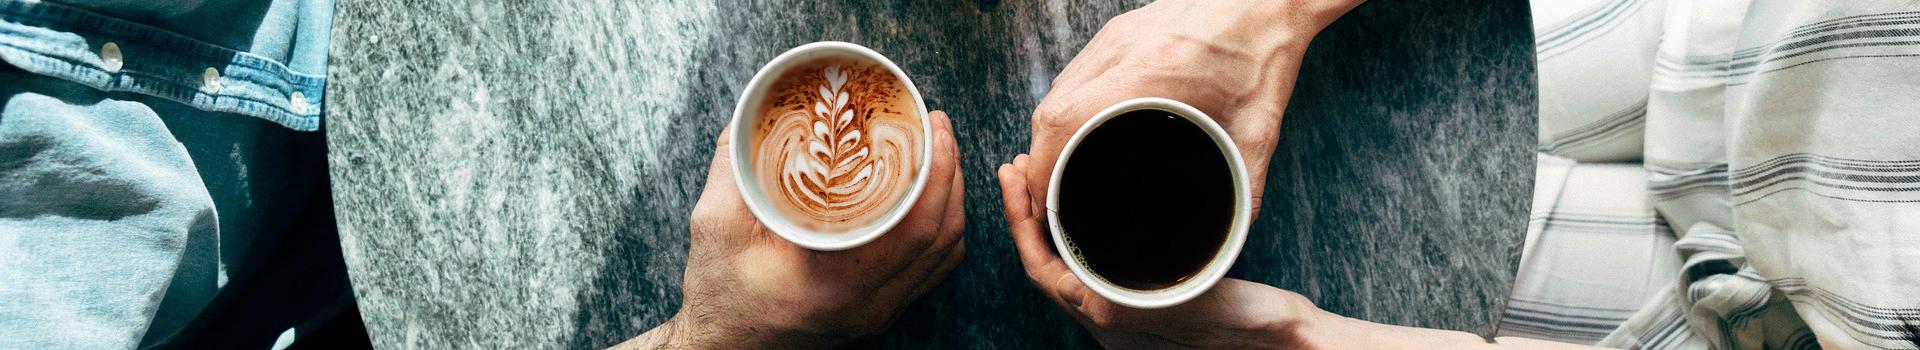 Kawa biała czy kawa czarna?